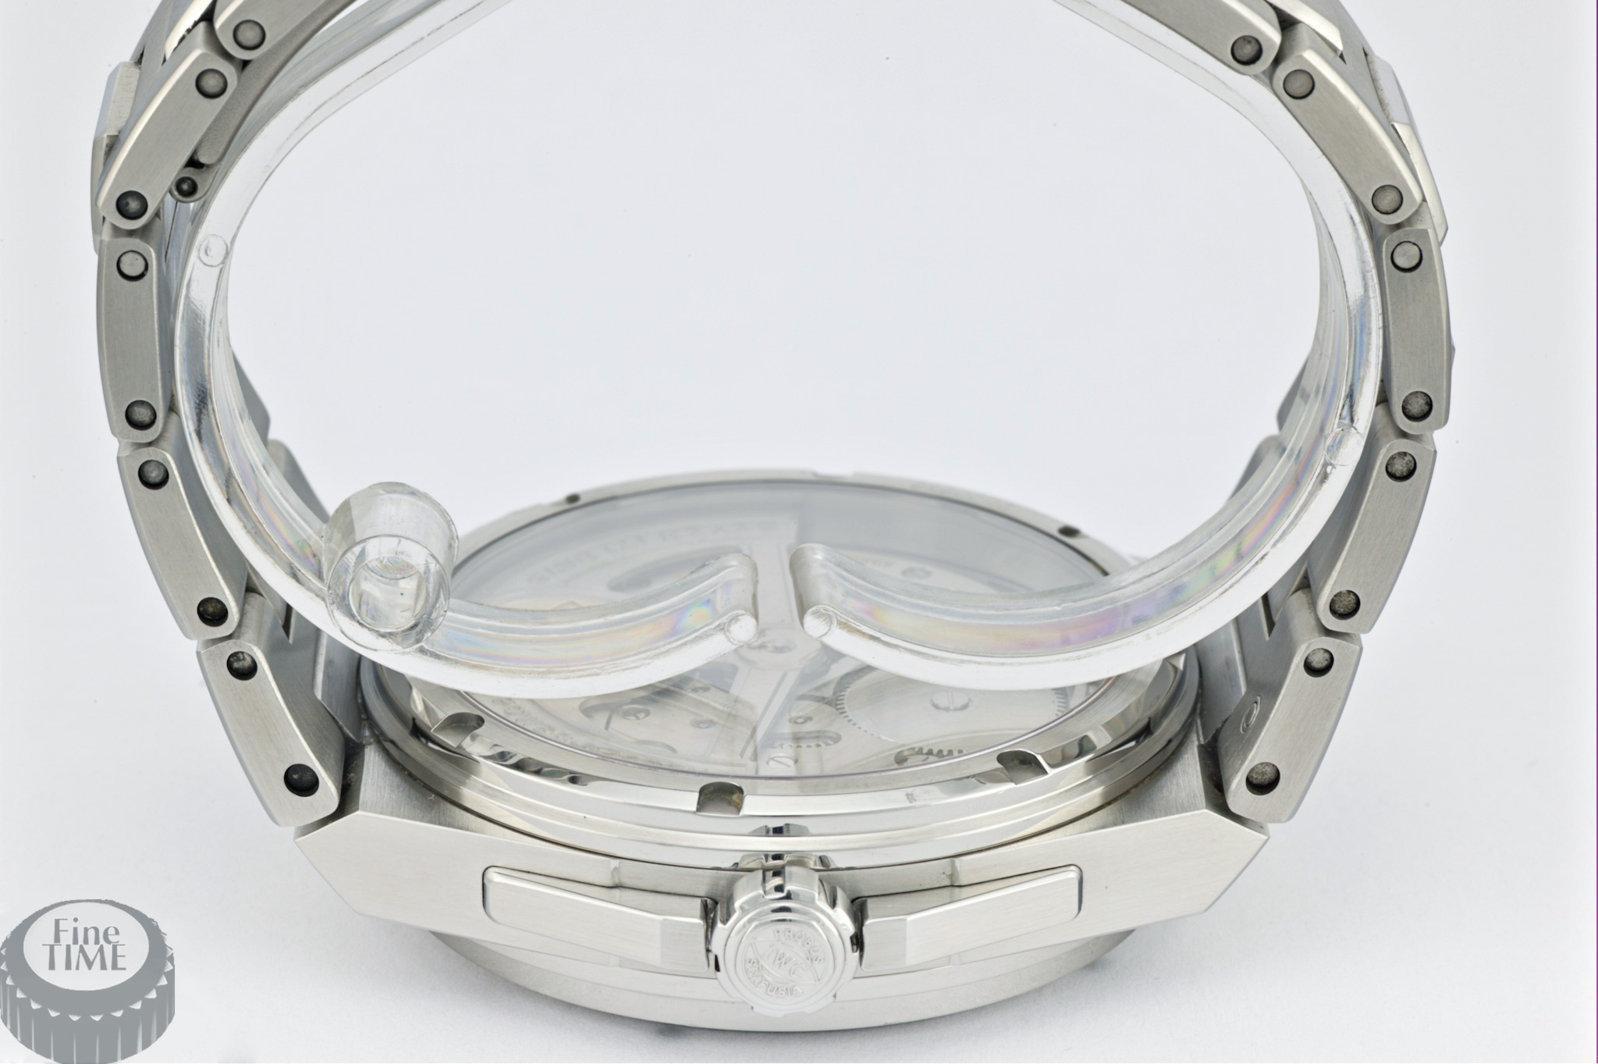 iwc-big-ingenieur-iw500505-05 copy.jpg